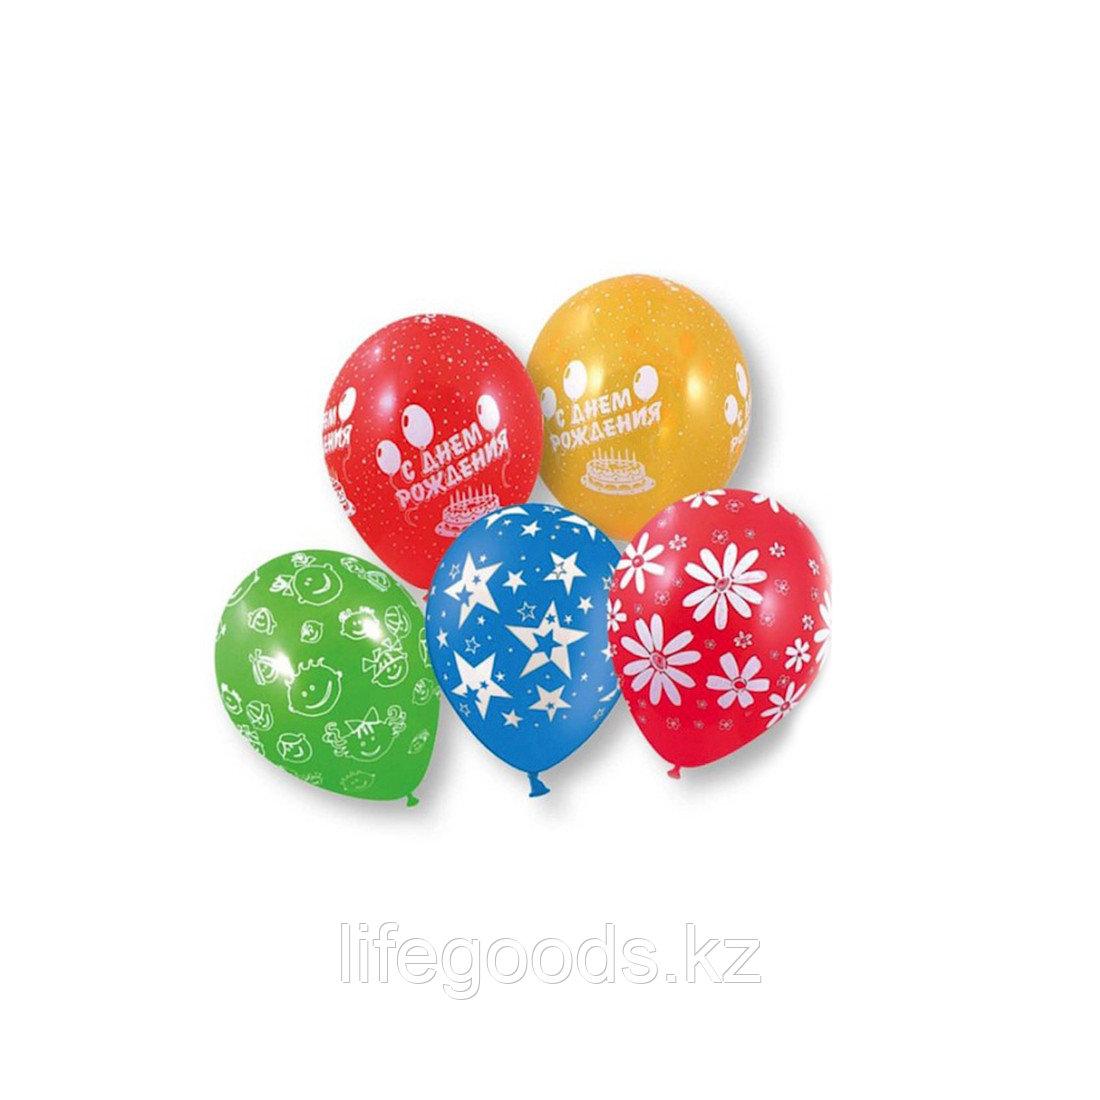 Воздушные шарики 1111-0111(1111-0834) (5 шт. в пакете)